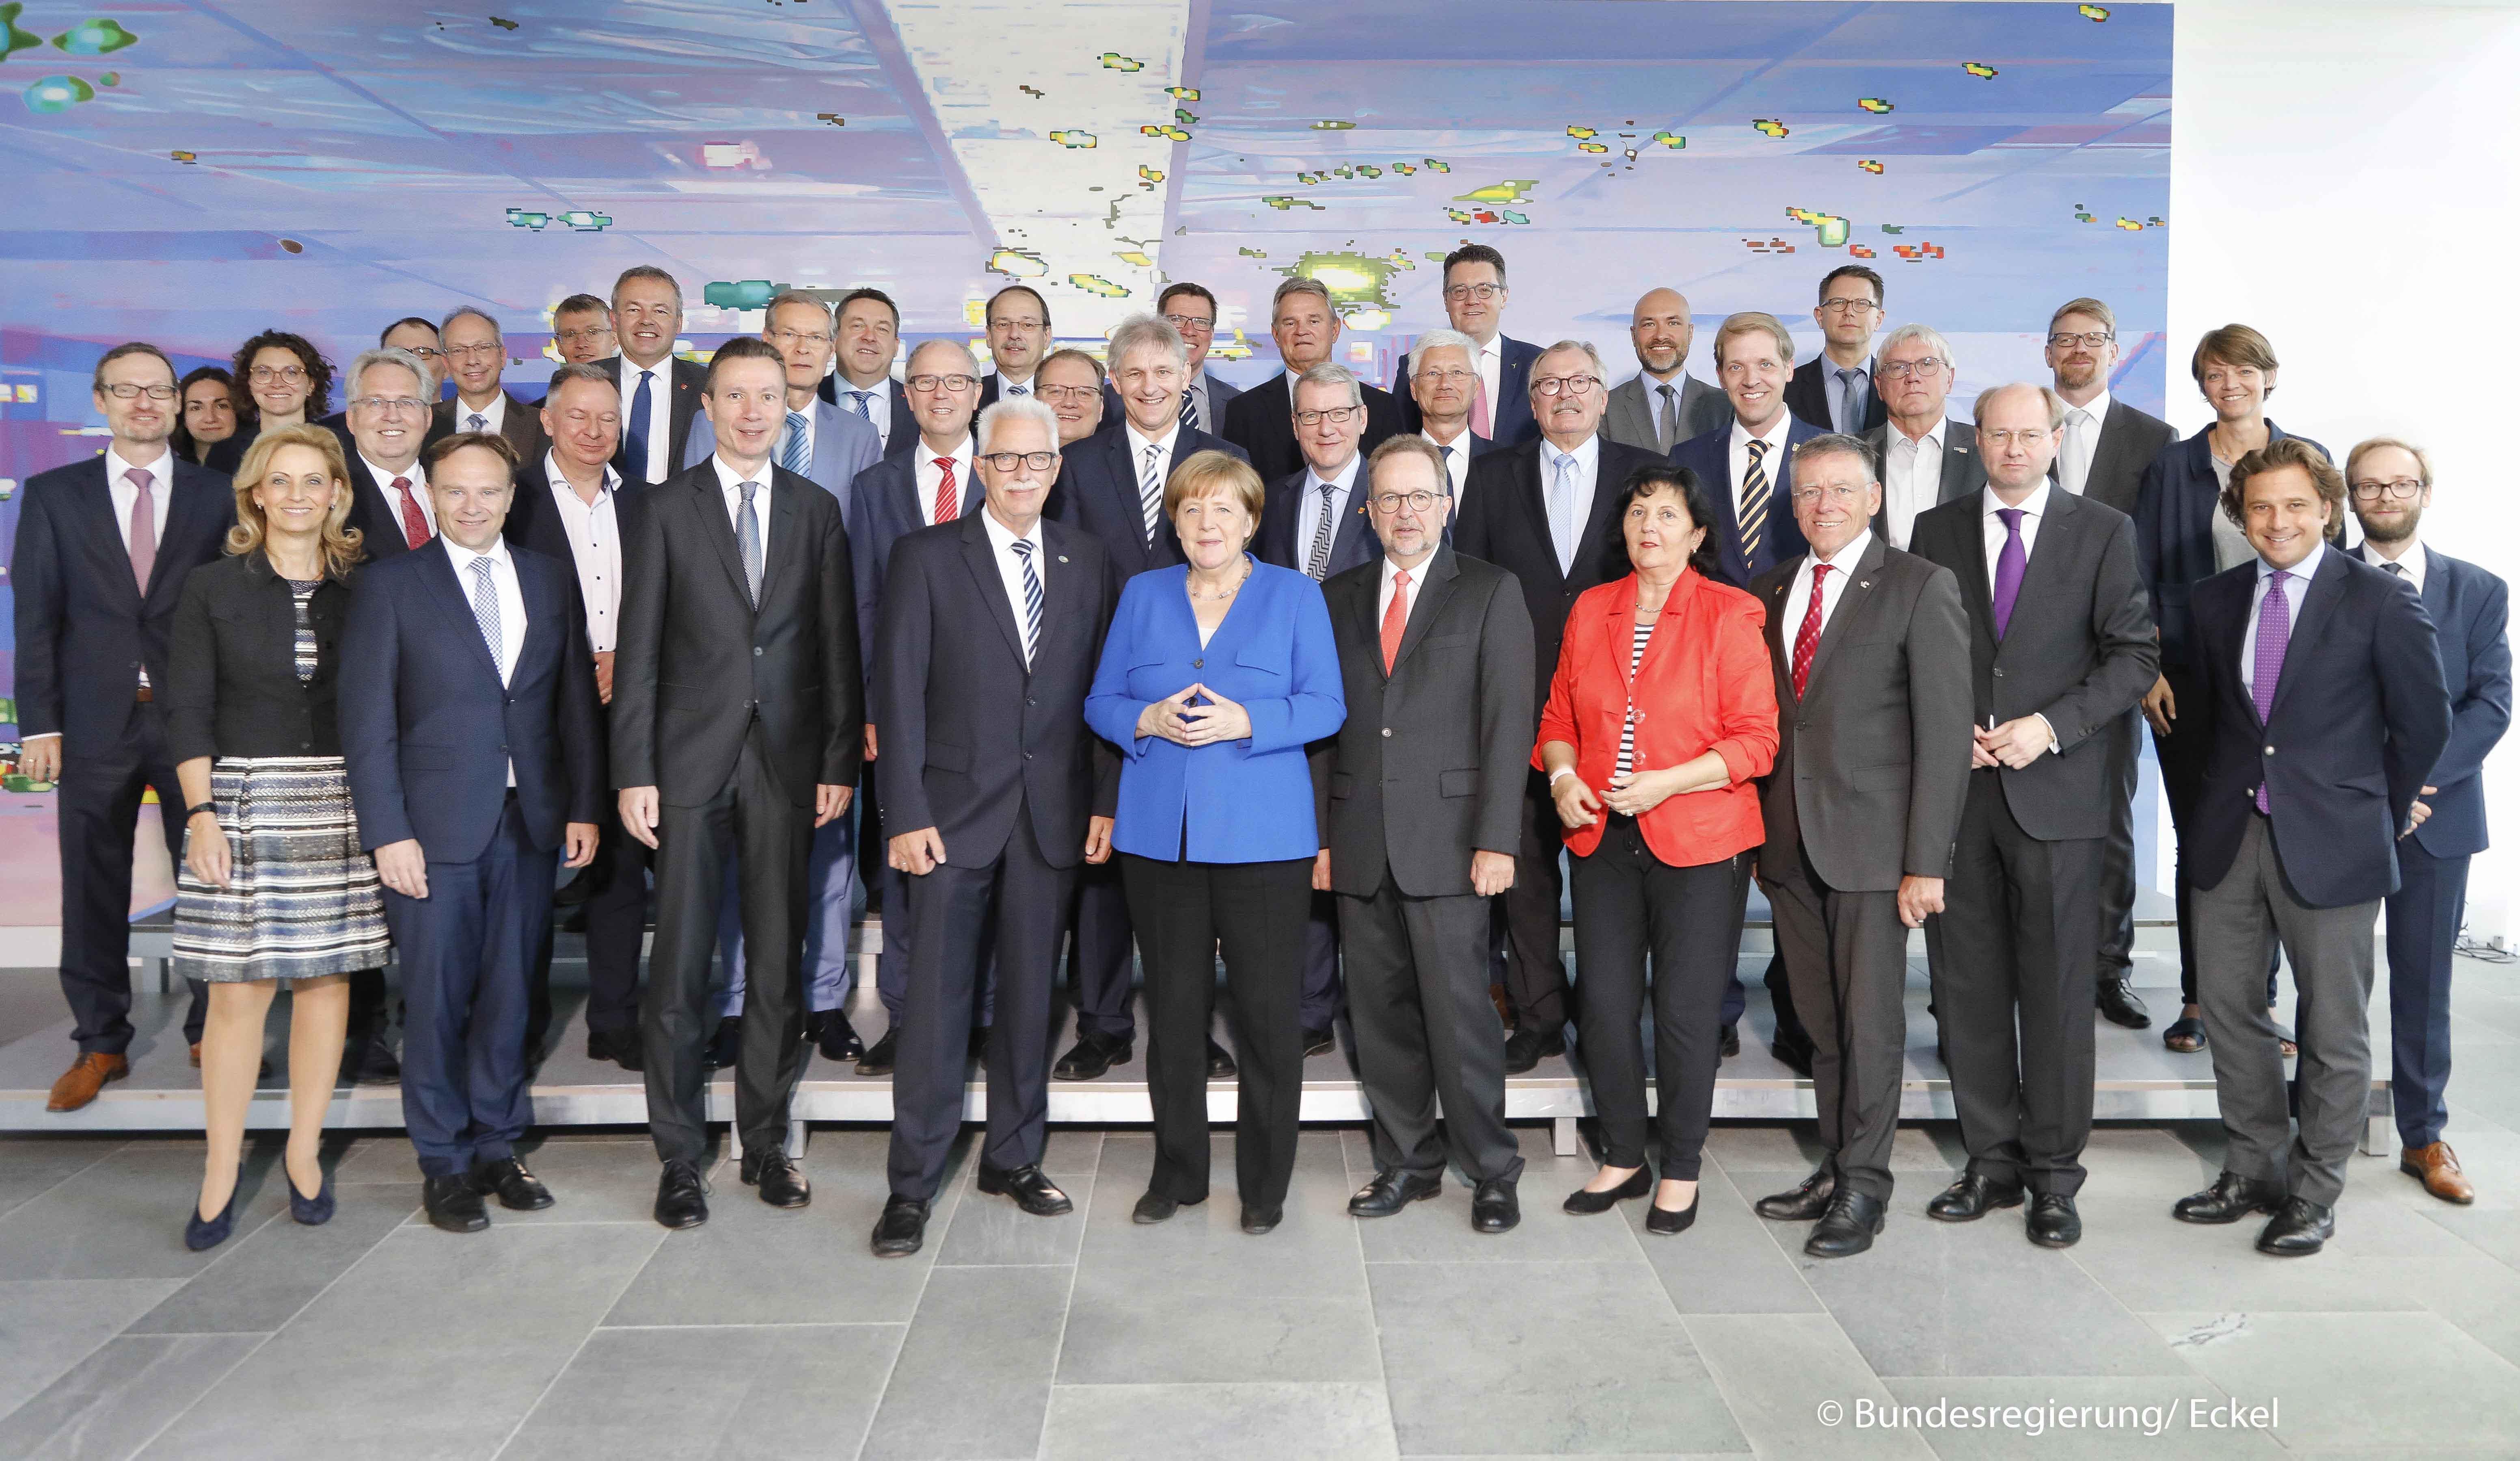 NRW-Landräte mit Bundeskanzlerin Angela Merkel (Foto: Bundesregierung/Eckel)